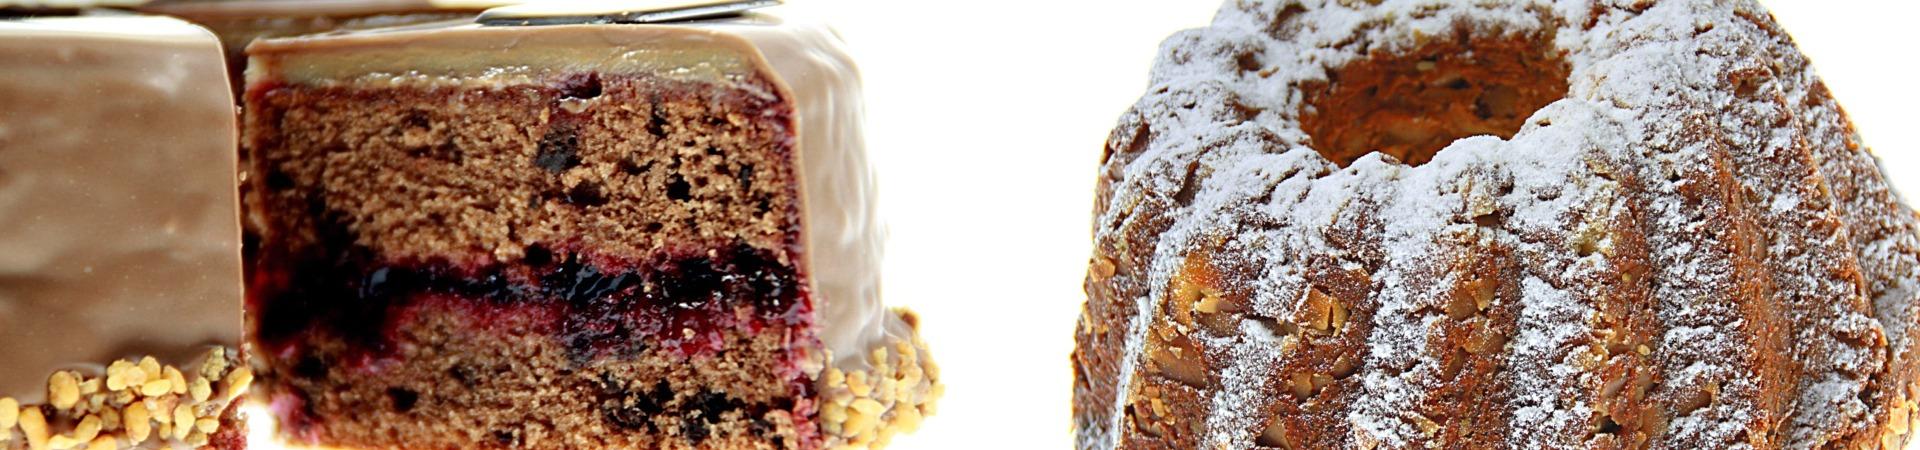 Torten Und Kuchen 2021